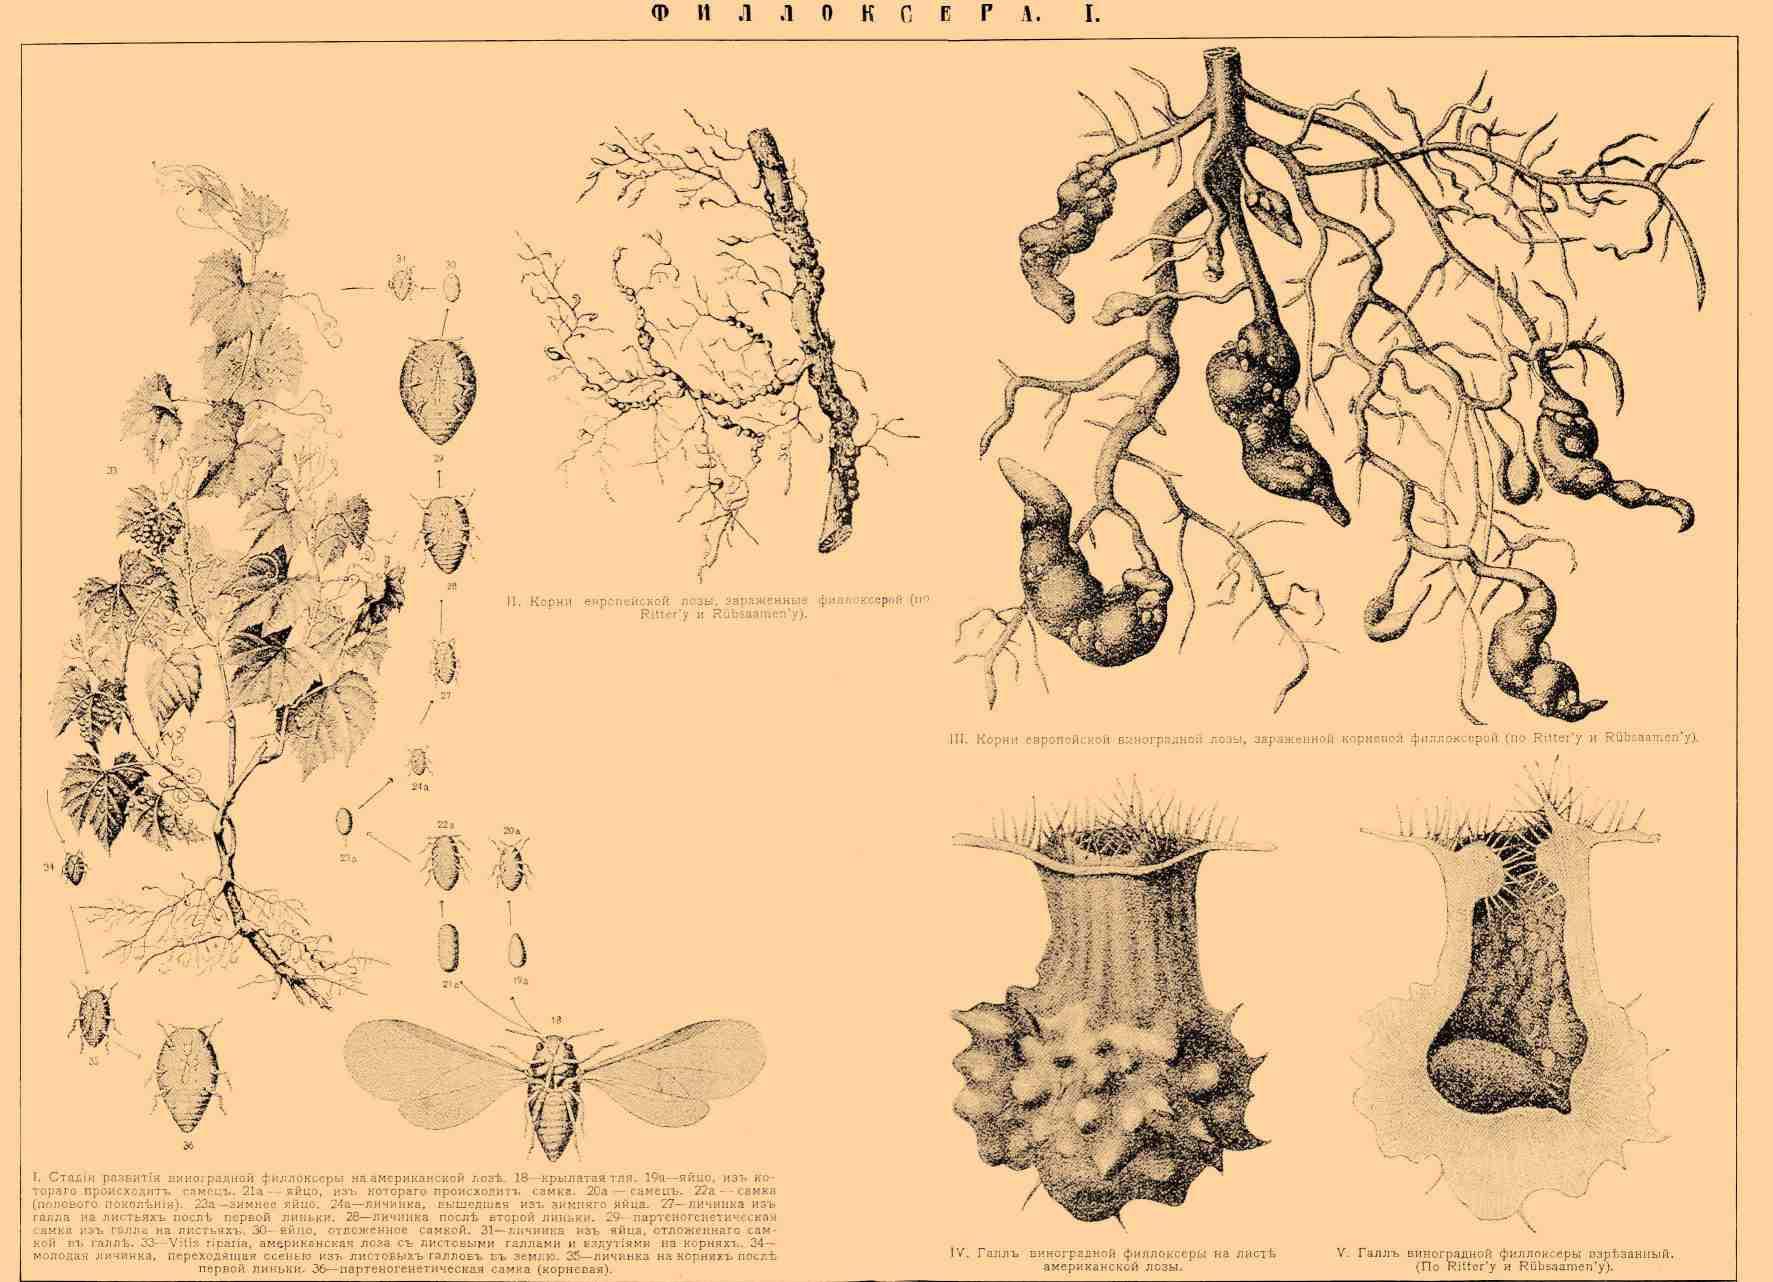 ФИЛЛОКСЕРА I. I. Стадии развития виноградной филлоксеры на американской лозе. 18 — крылатая тля. 19a — яйцо, из которого происходит самец. 21a — яйцо, из которого происходит самка. 20a — самец. 22a — самка (полового поколения). 23a — зимнее яйцо. 24a — личинка, вышедшая из зимнего яйца. 27 — личинка из галла на листьях после первой линьки. 28 — личинка после второй линьки. 29 — партеногенетическая самка из галла на листьях. 30 — яйцо, отложенное самкой. 31 — личинка из яйца, отложенного самкой в галле. 33 — Vitis riparia, американская лоза с листовыми галлами и вздутиями на корнях. 34 — молодая личинка, переходящая осенью из листовых галлов в землю. 35 — личинка на корнях после первой линьки. 36 — партеногенетическая самка (корневая). II. Корни европейской лозы, зараженные филлоксерой (по Ritter'y и Rübsaamen'y). III. Корни европейской лозы, зараженной корневой филлоксерой (по Ritter'y и Rübsaamen'y). IV. Галл виноградной филлоксеры на листе американской лозы. V. Галл виноградной филлоксеры взрезанный (по Ritter'y и Rübsaamen'y).